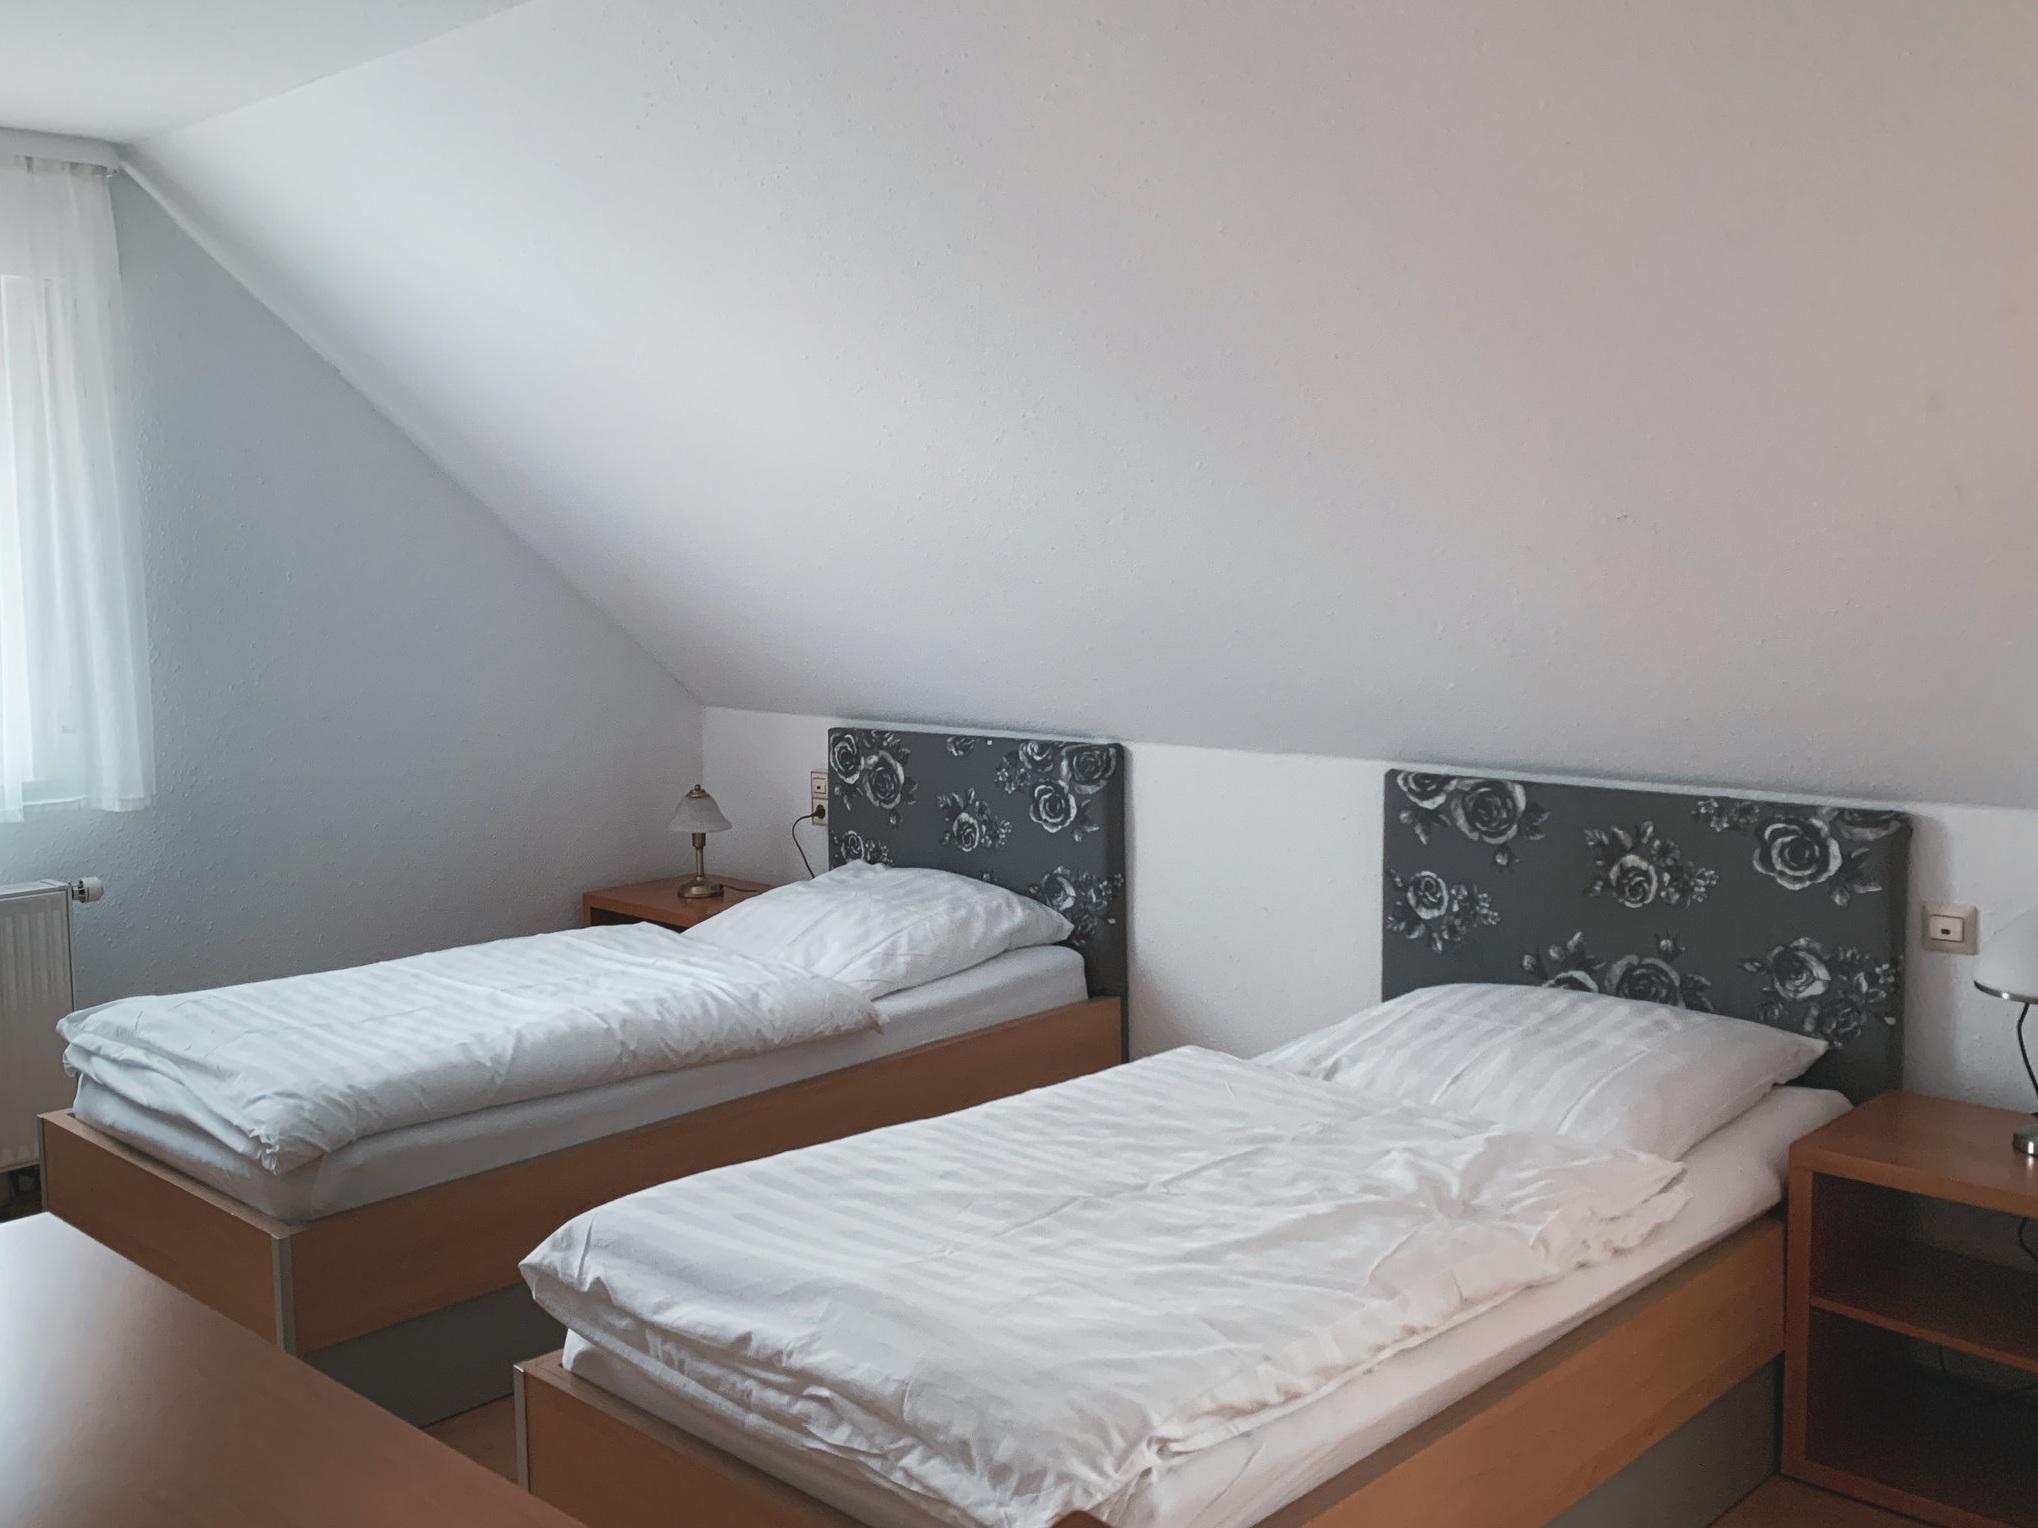 Doppelzimmer - Bei 1 Übernachtung (inkl. 18,00 € Zuschlag) 78,00 € p. ZimmerAb 2 Übernachtungen 60,00 € p. ZimmerAb 7 Übernachtungen 50,00 € p. ZimmerAb 15 Übernachtungen 39,00 € p. ZimmerAb 25 Übernachtungen und mehr 35,00 € p. Zimmer